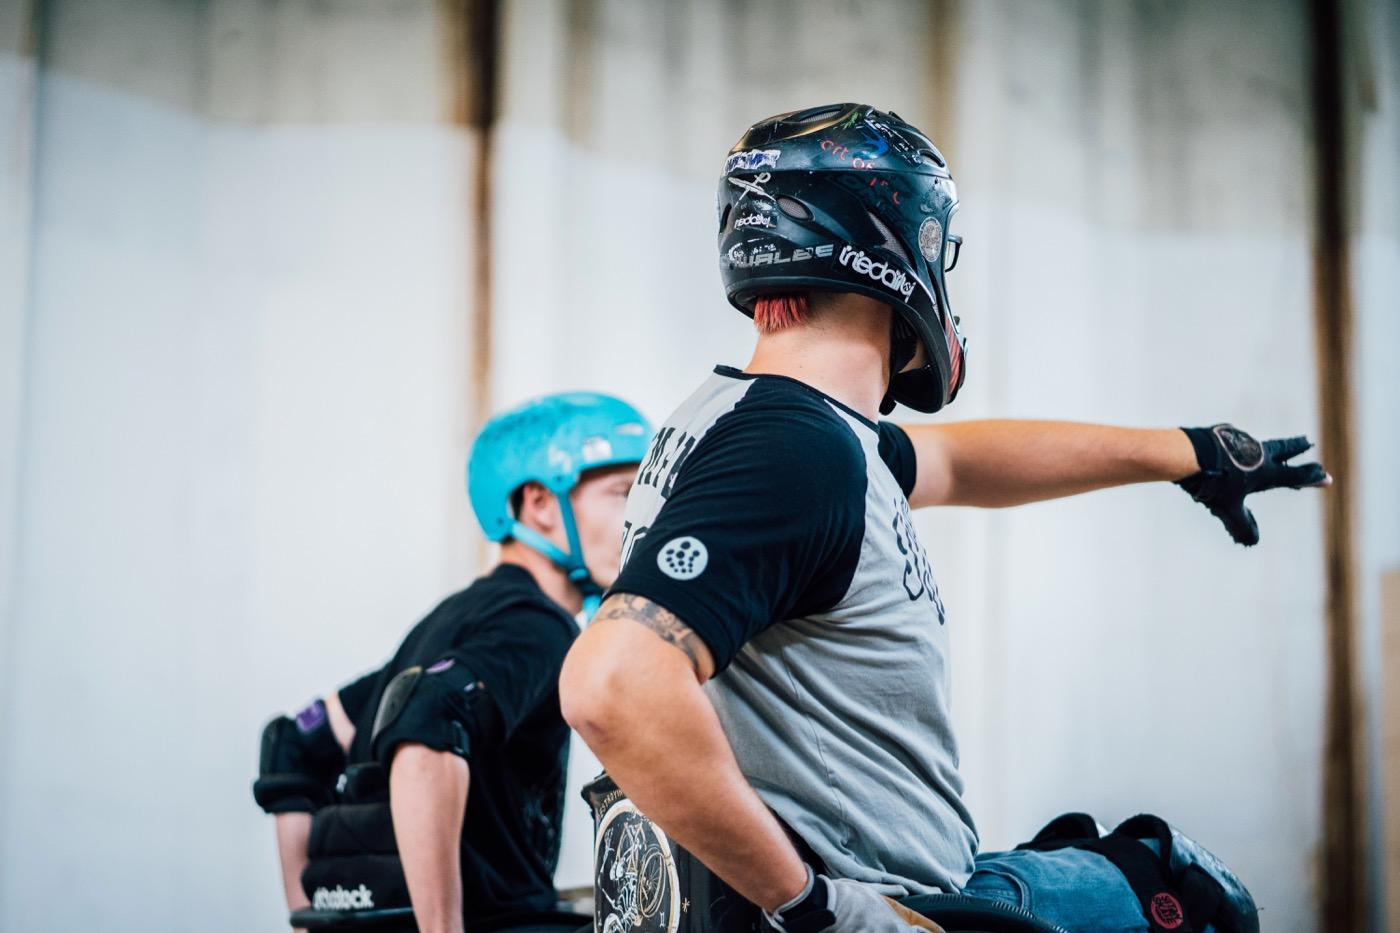 In den Skatehallen ist es nicht immer leicht, die Rampen hochzukommen.